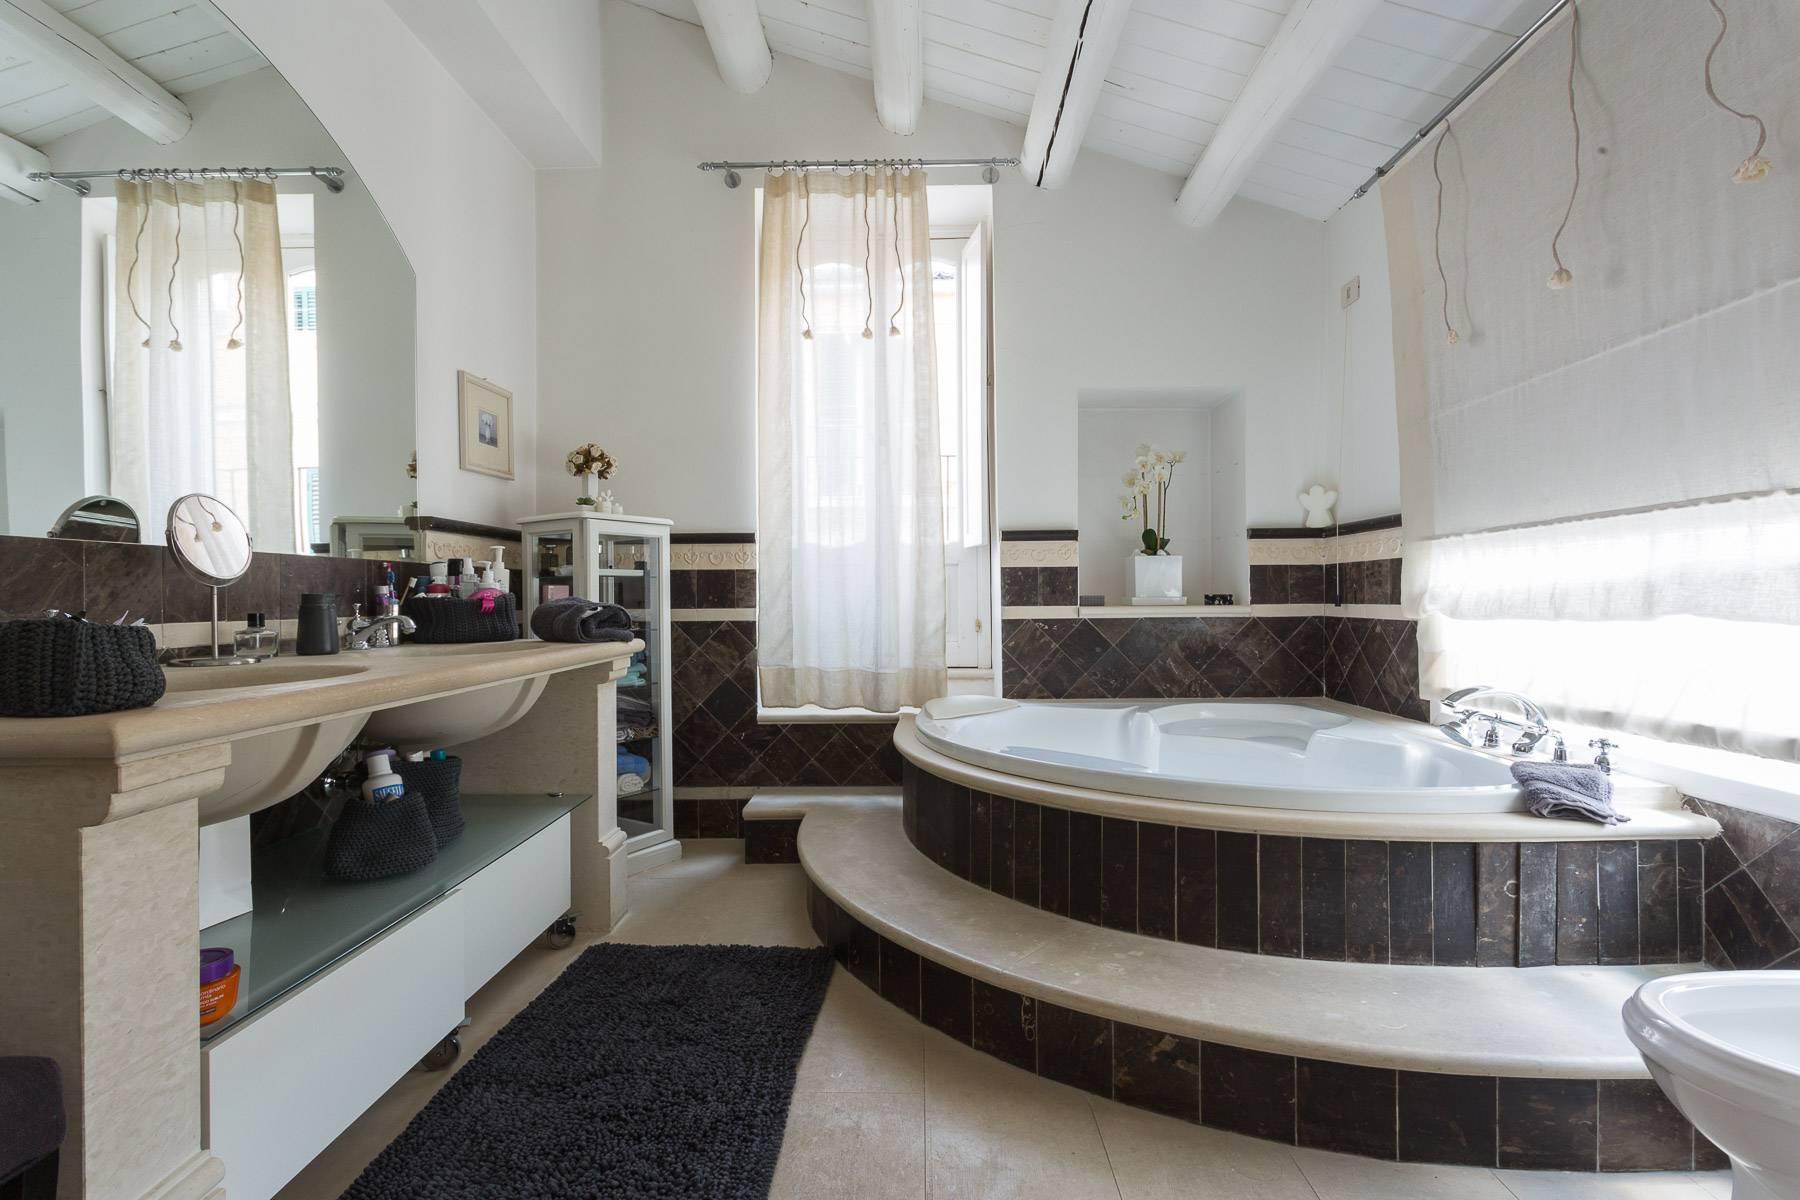 Casa indipendente in Vendita a Ragusa: 5 locali, 200 mq - Foto 27